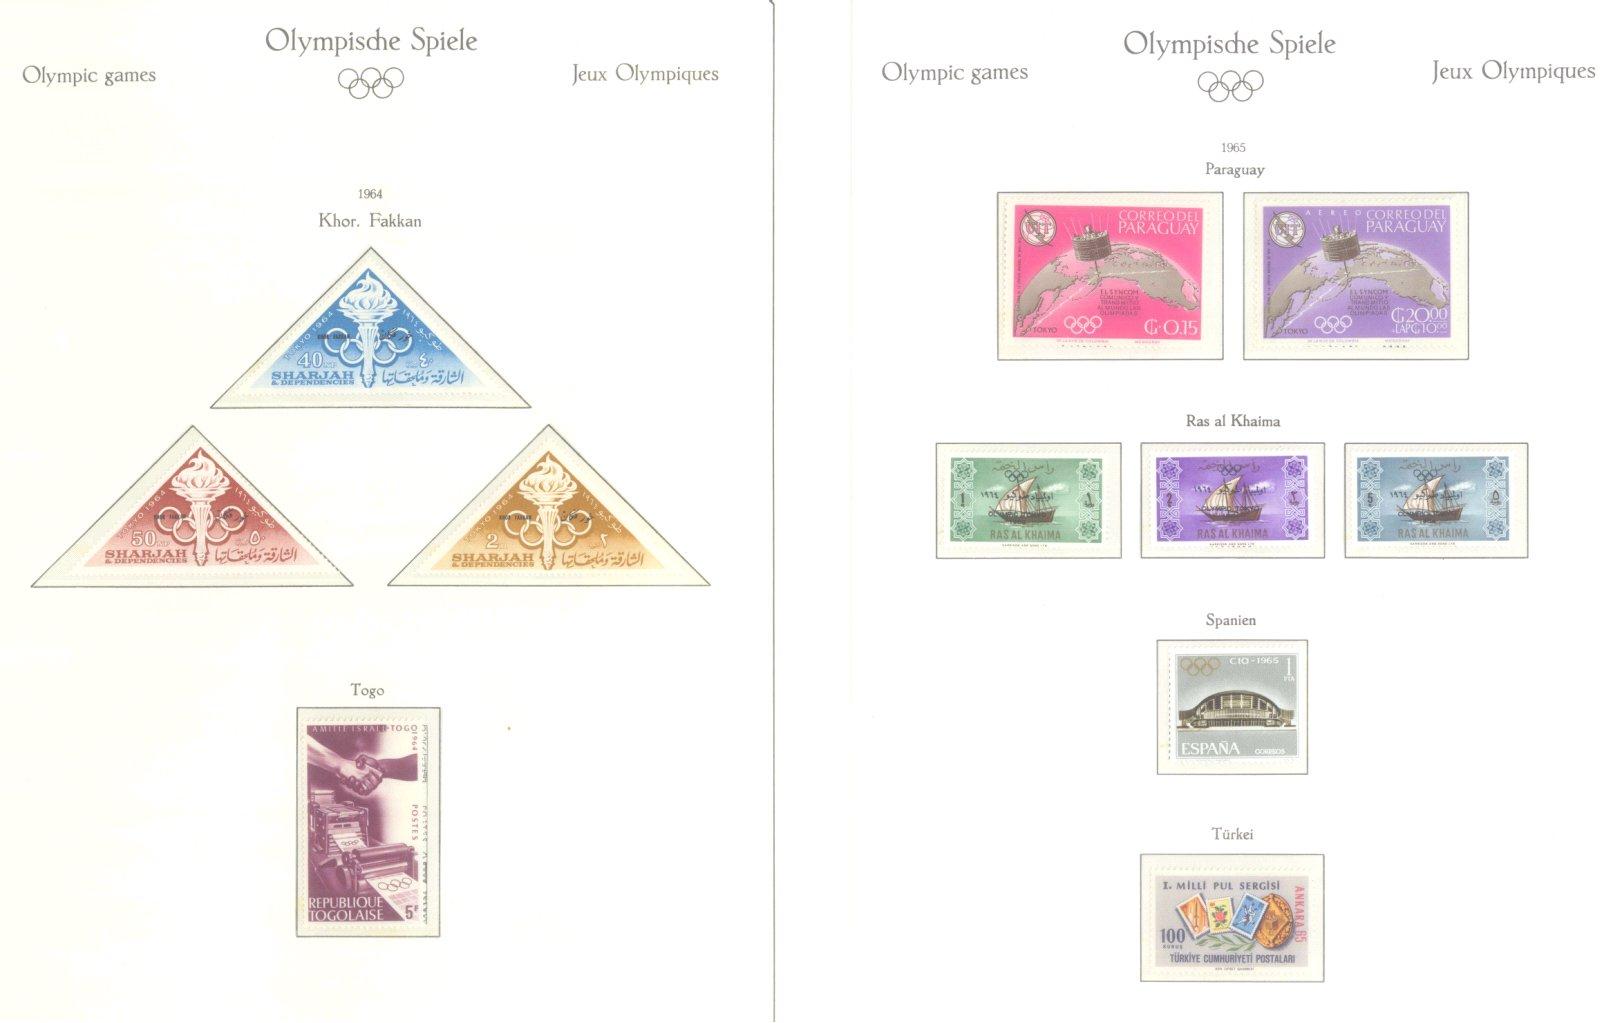 OLYMPISCHE SPIELE 1964 TOKIO, postfrische Sammlung Teil 2-37